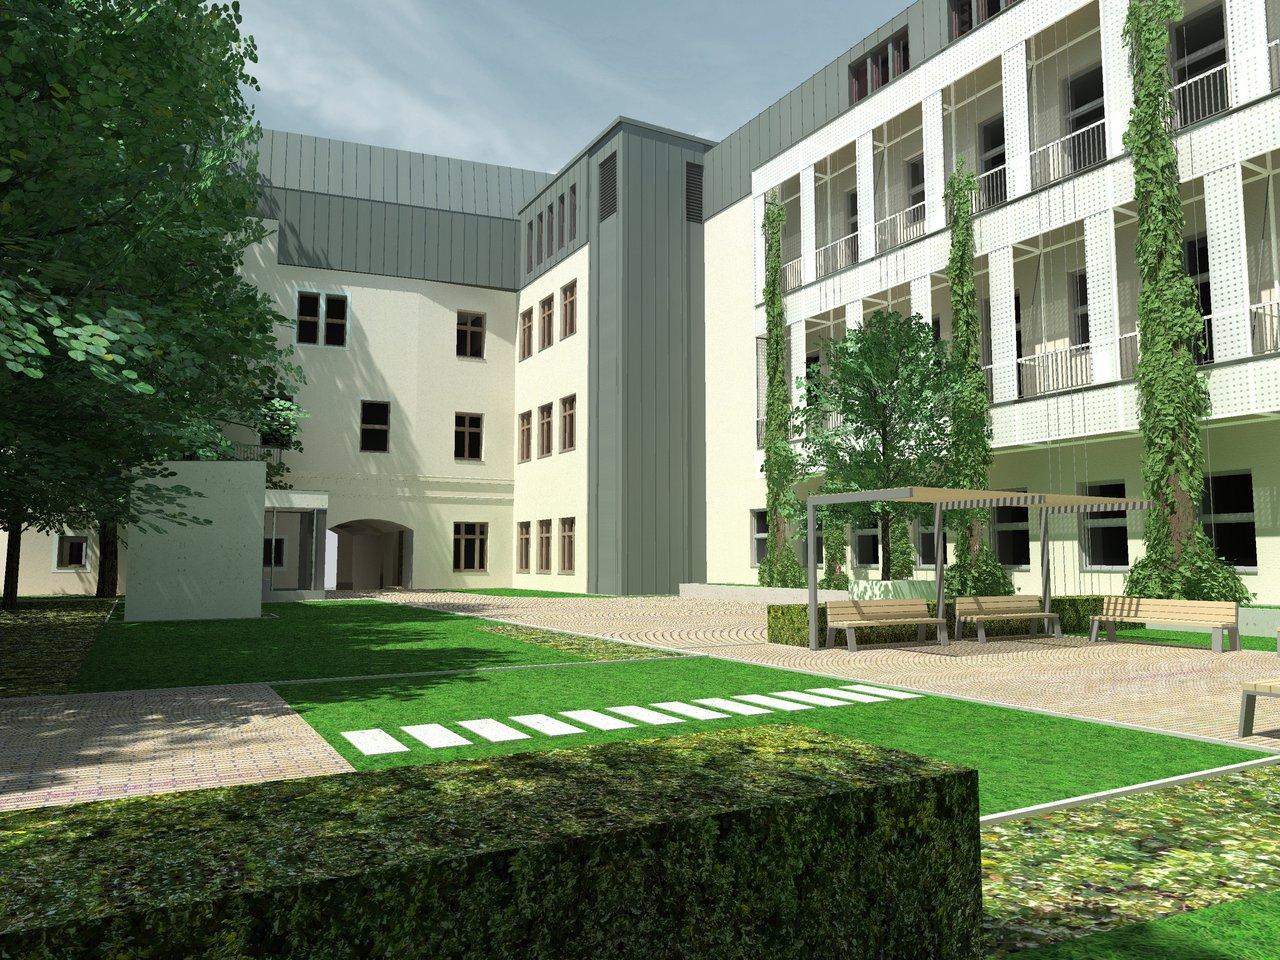 Ráday Kollégium tervek 2021-07-28